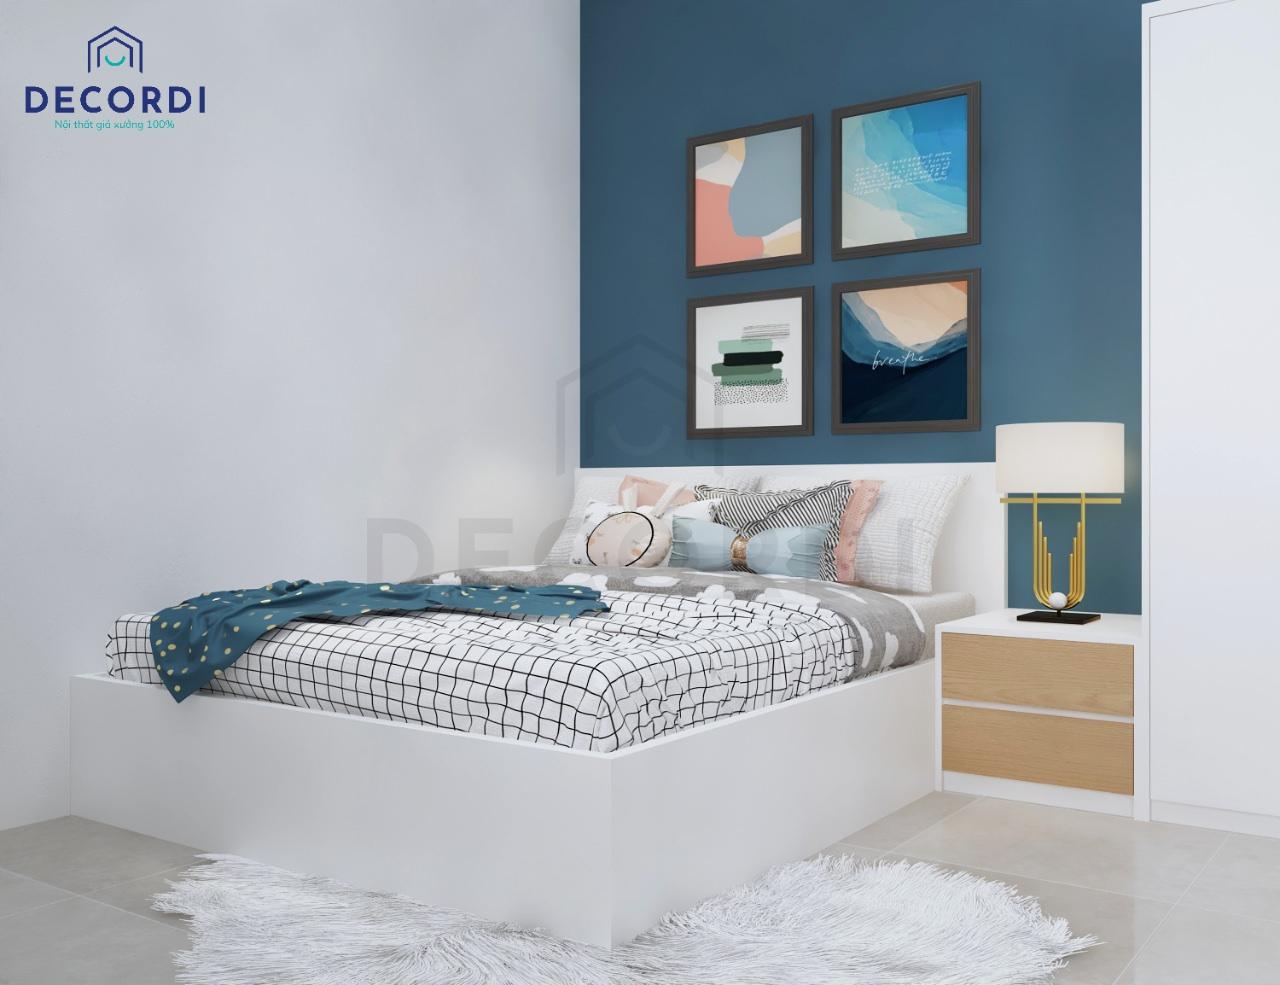 Phòng ngủ màu xanh dương đem lại sự tươi mới, mát mẻ